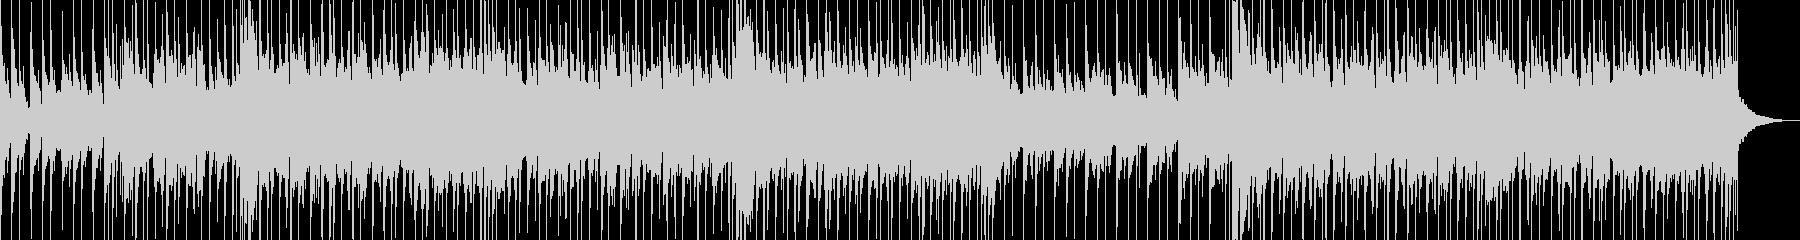 詩的/コーラス構造、適度なエネルギ...の未再生の波形